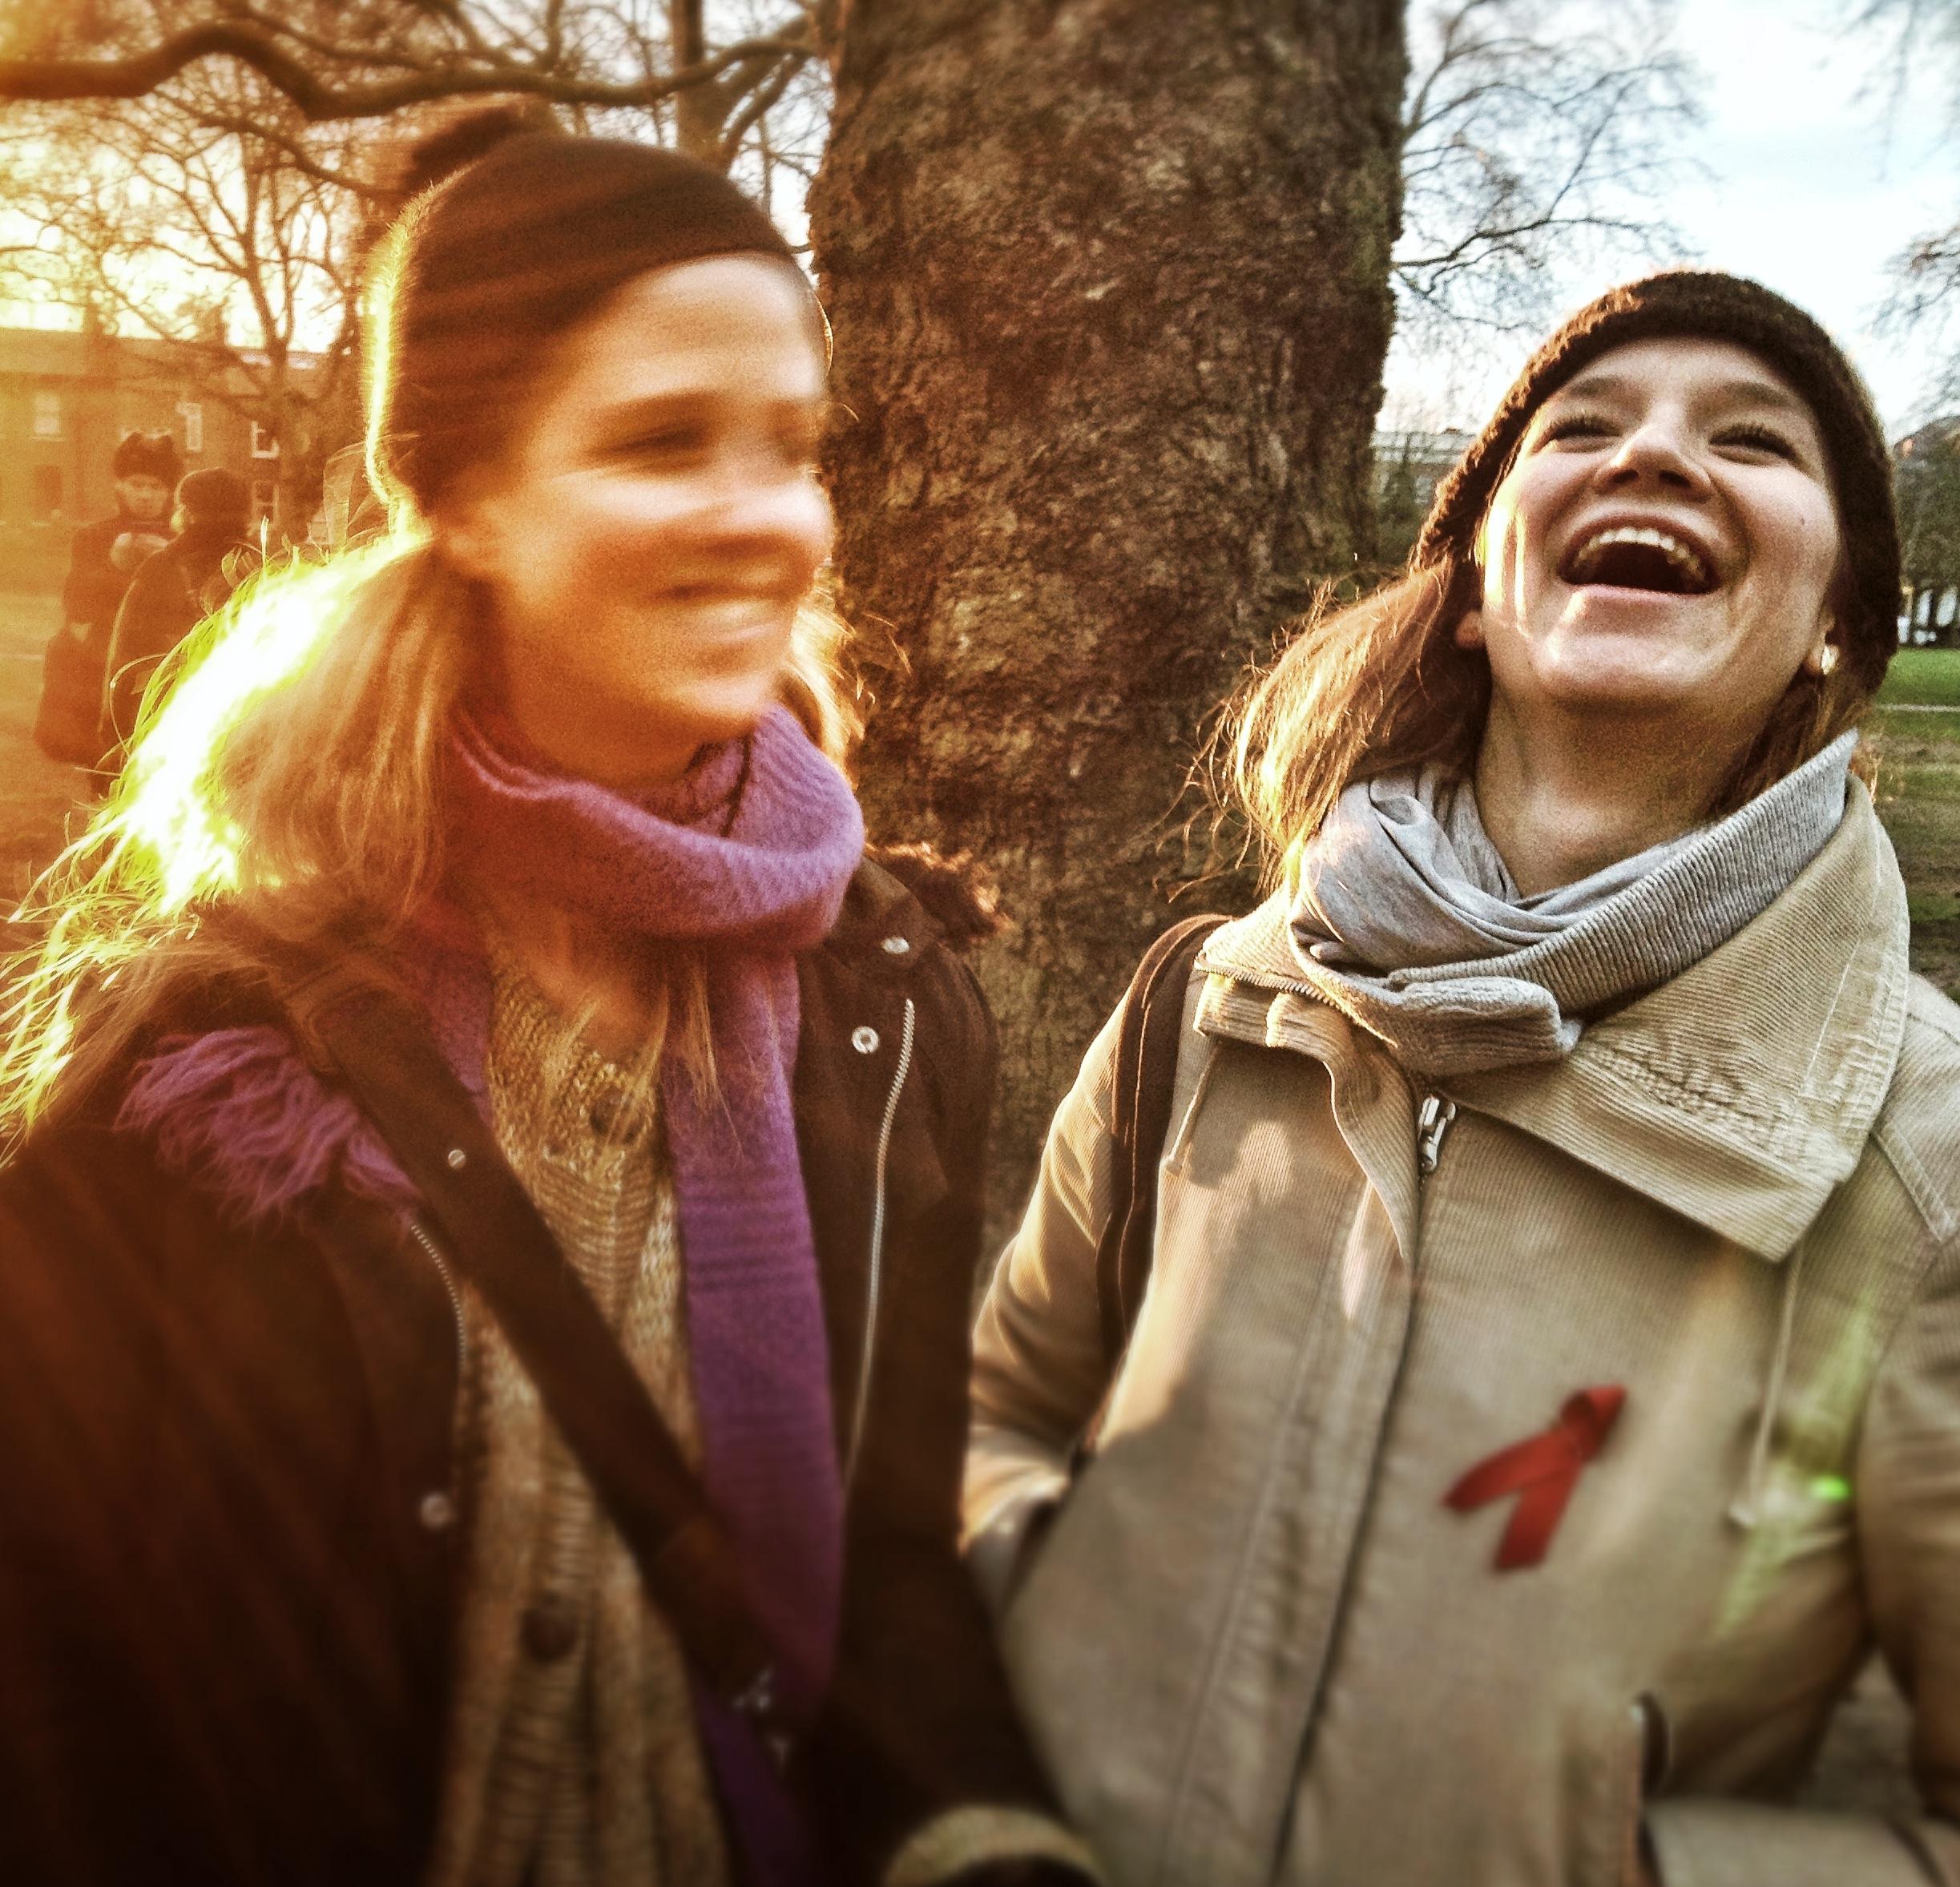 Kathy and Gina.jpg